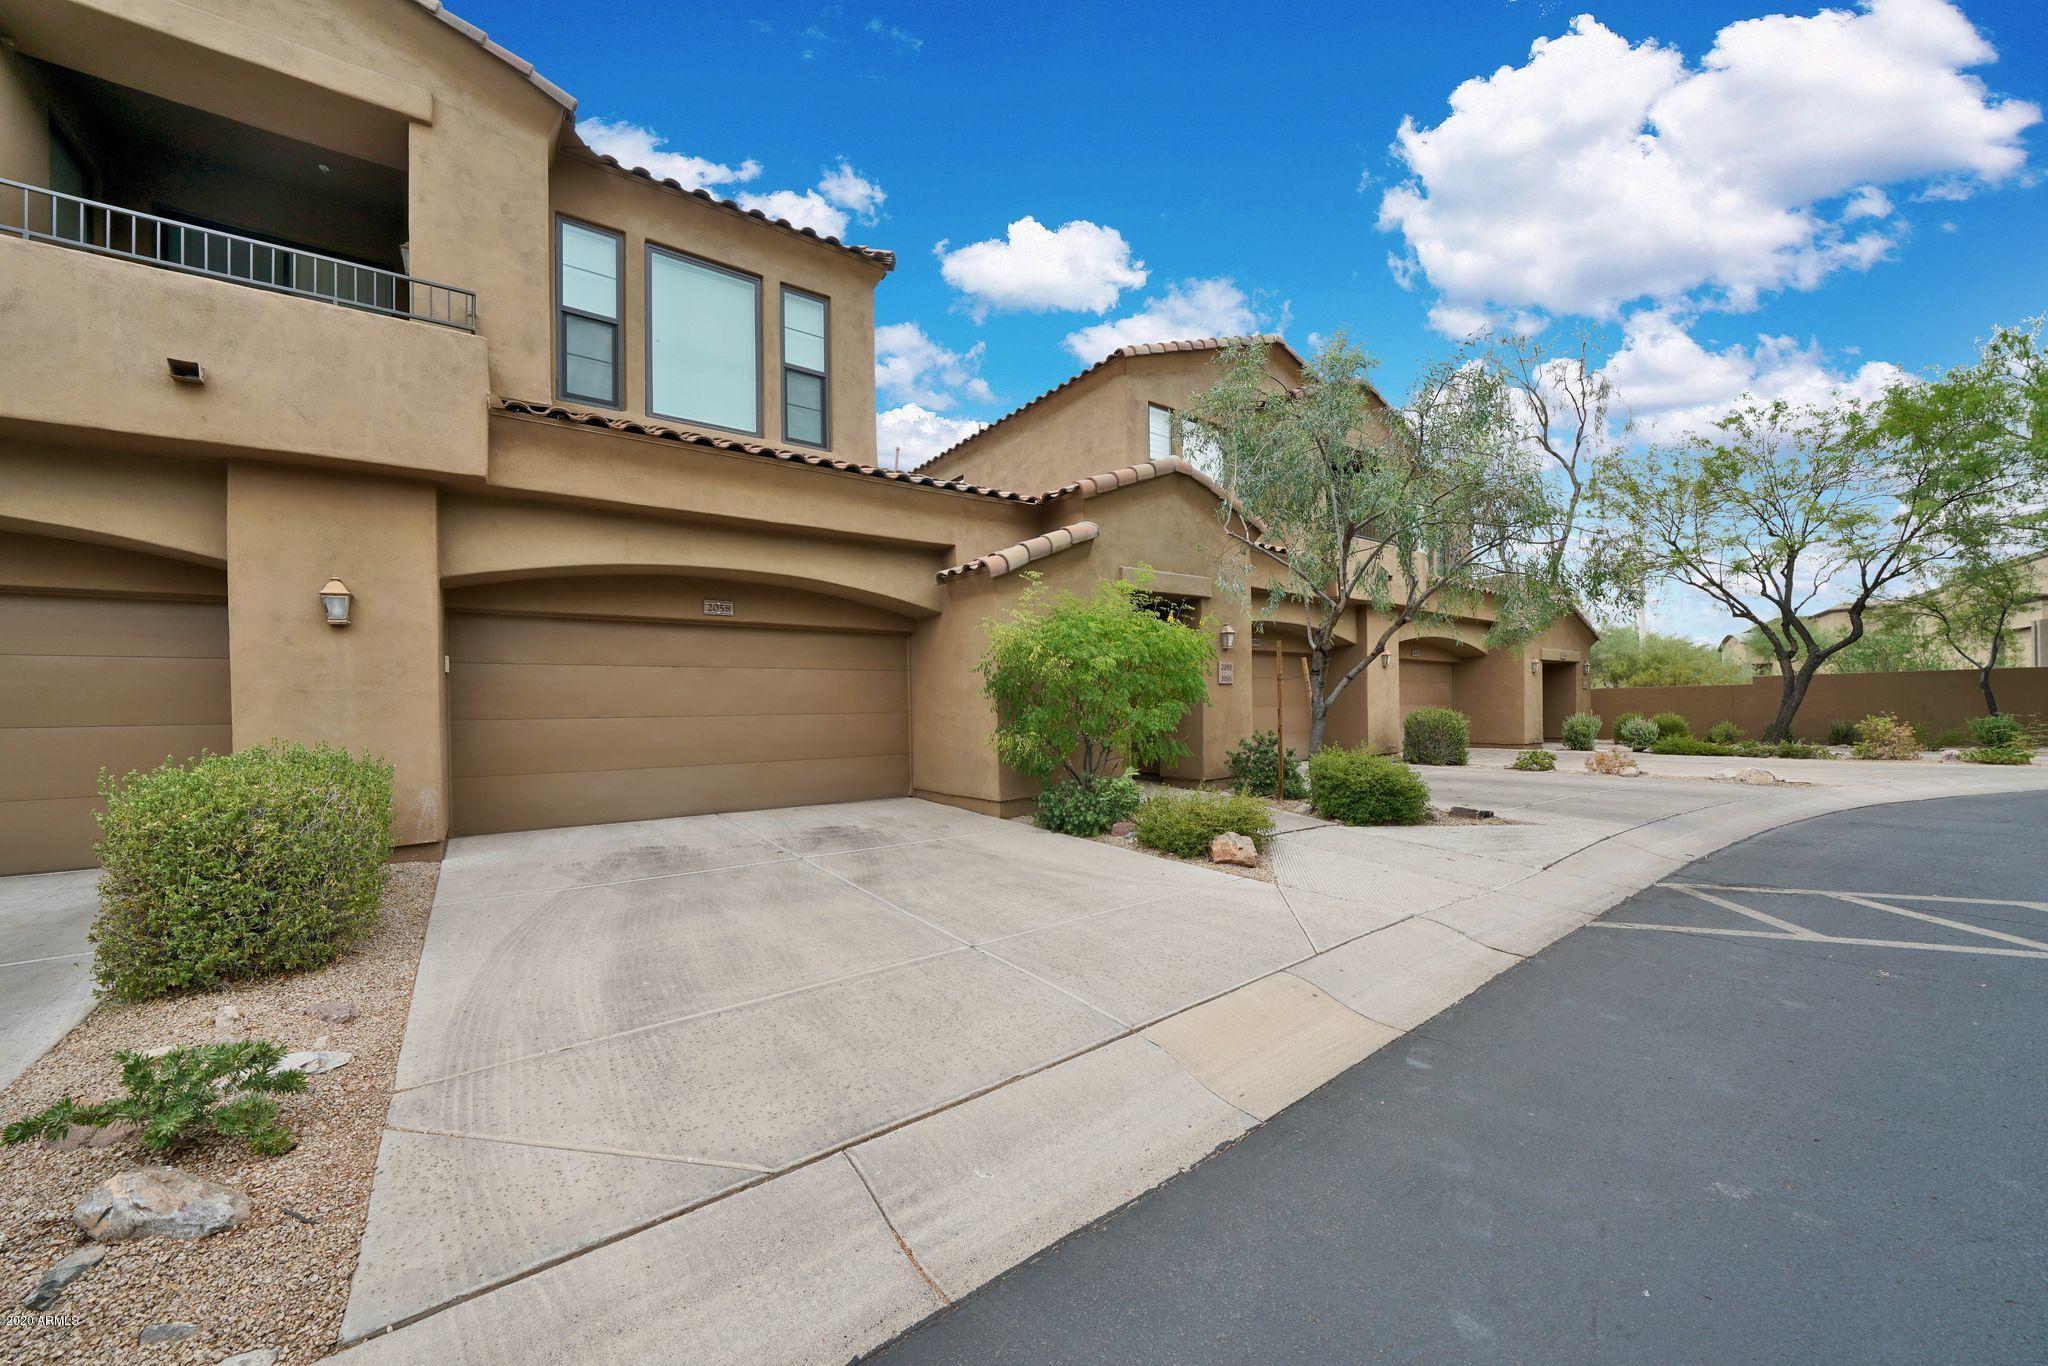 16600 N Thompson Peak Parkway, Unit 2058, Scottsdale AZ 85260